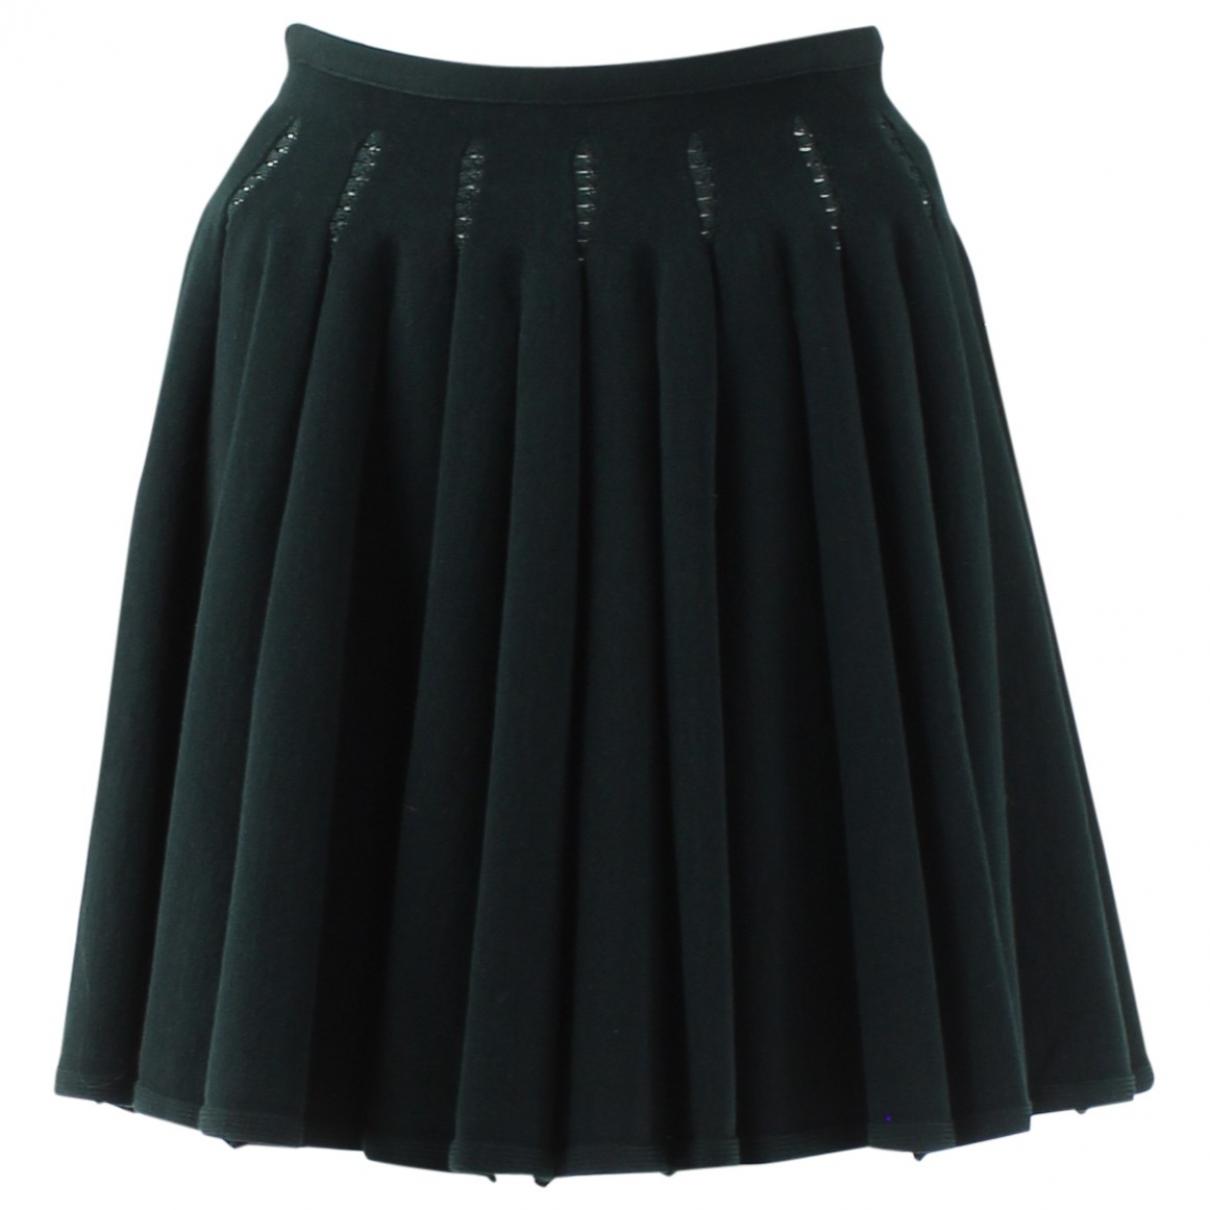 Alaïa \N Green Wool skirt for Women 38 FR